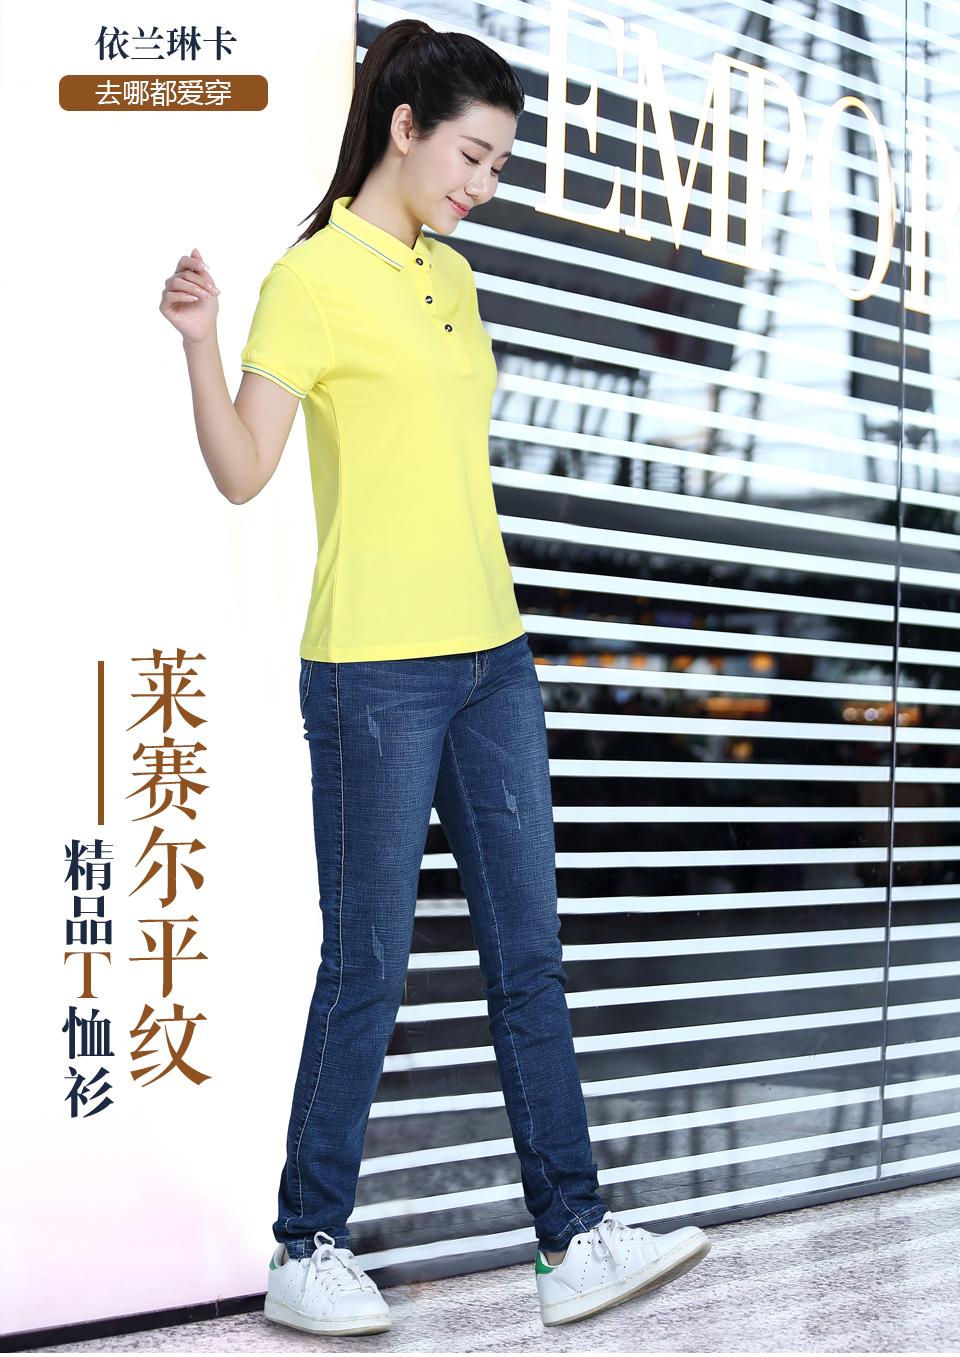 丝光棉t恤的优点?丝光棉和纯棉的区别?